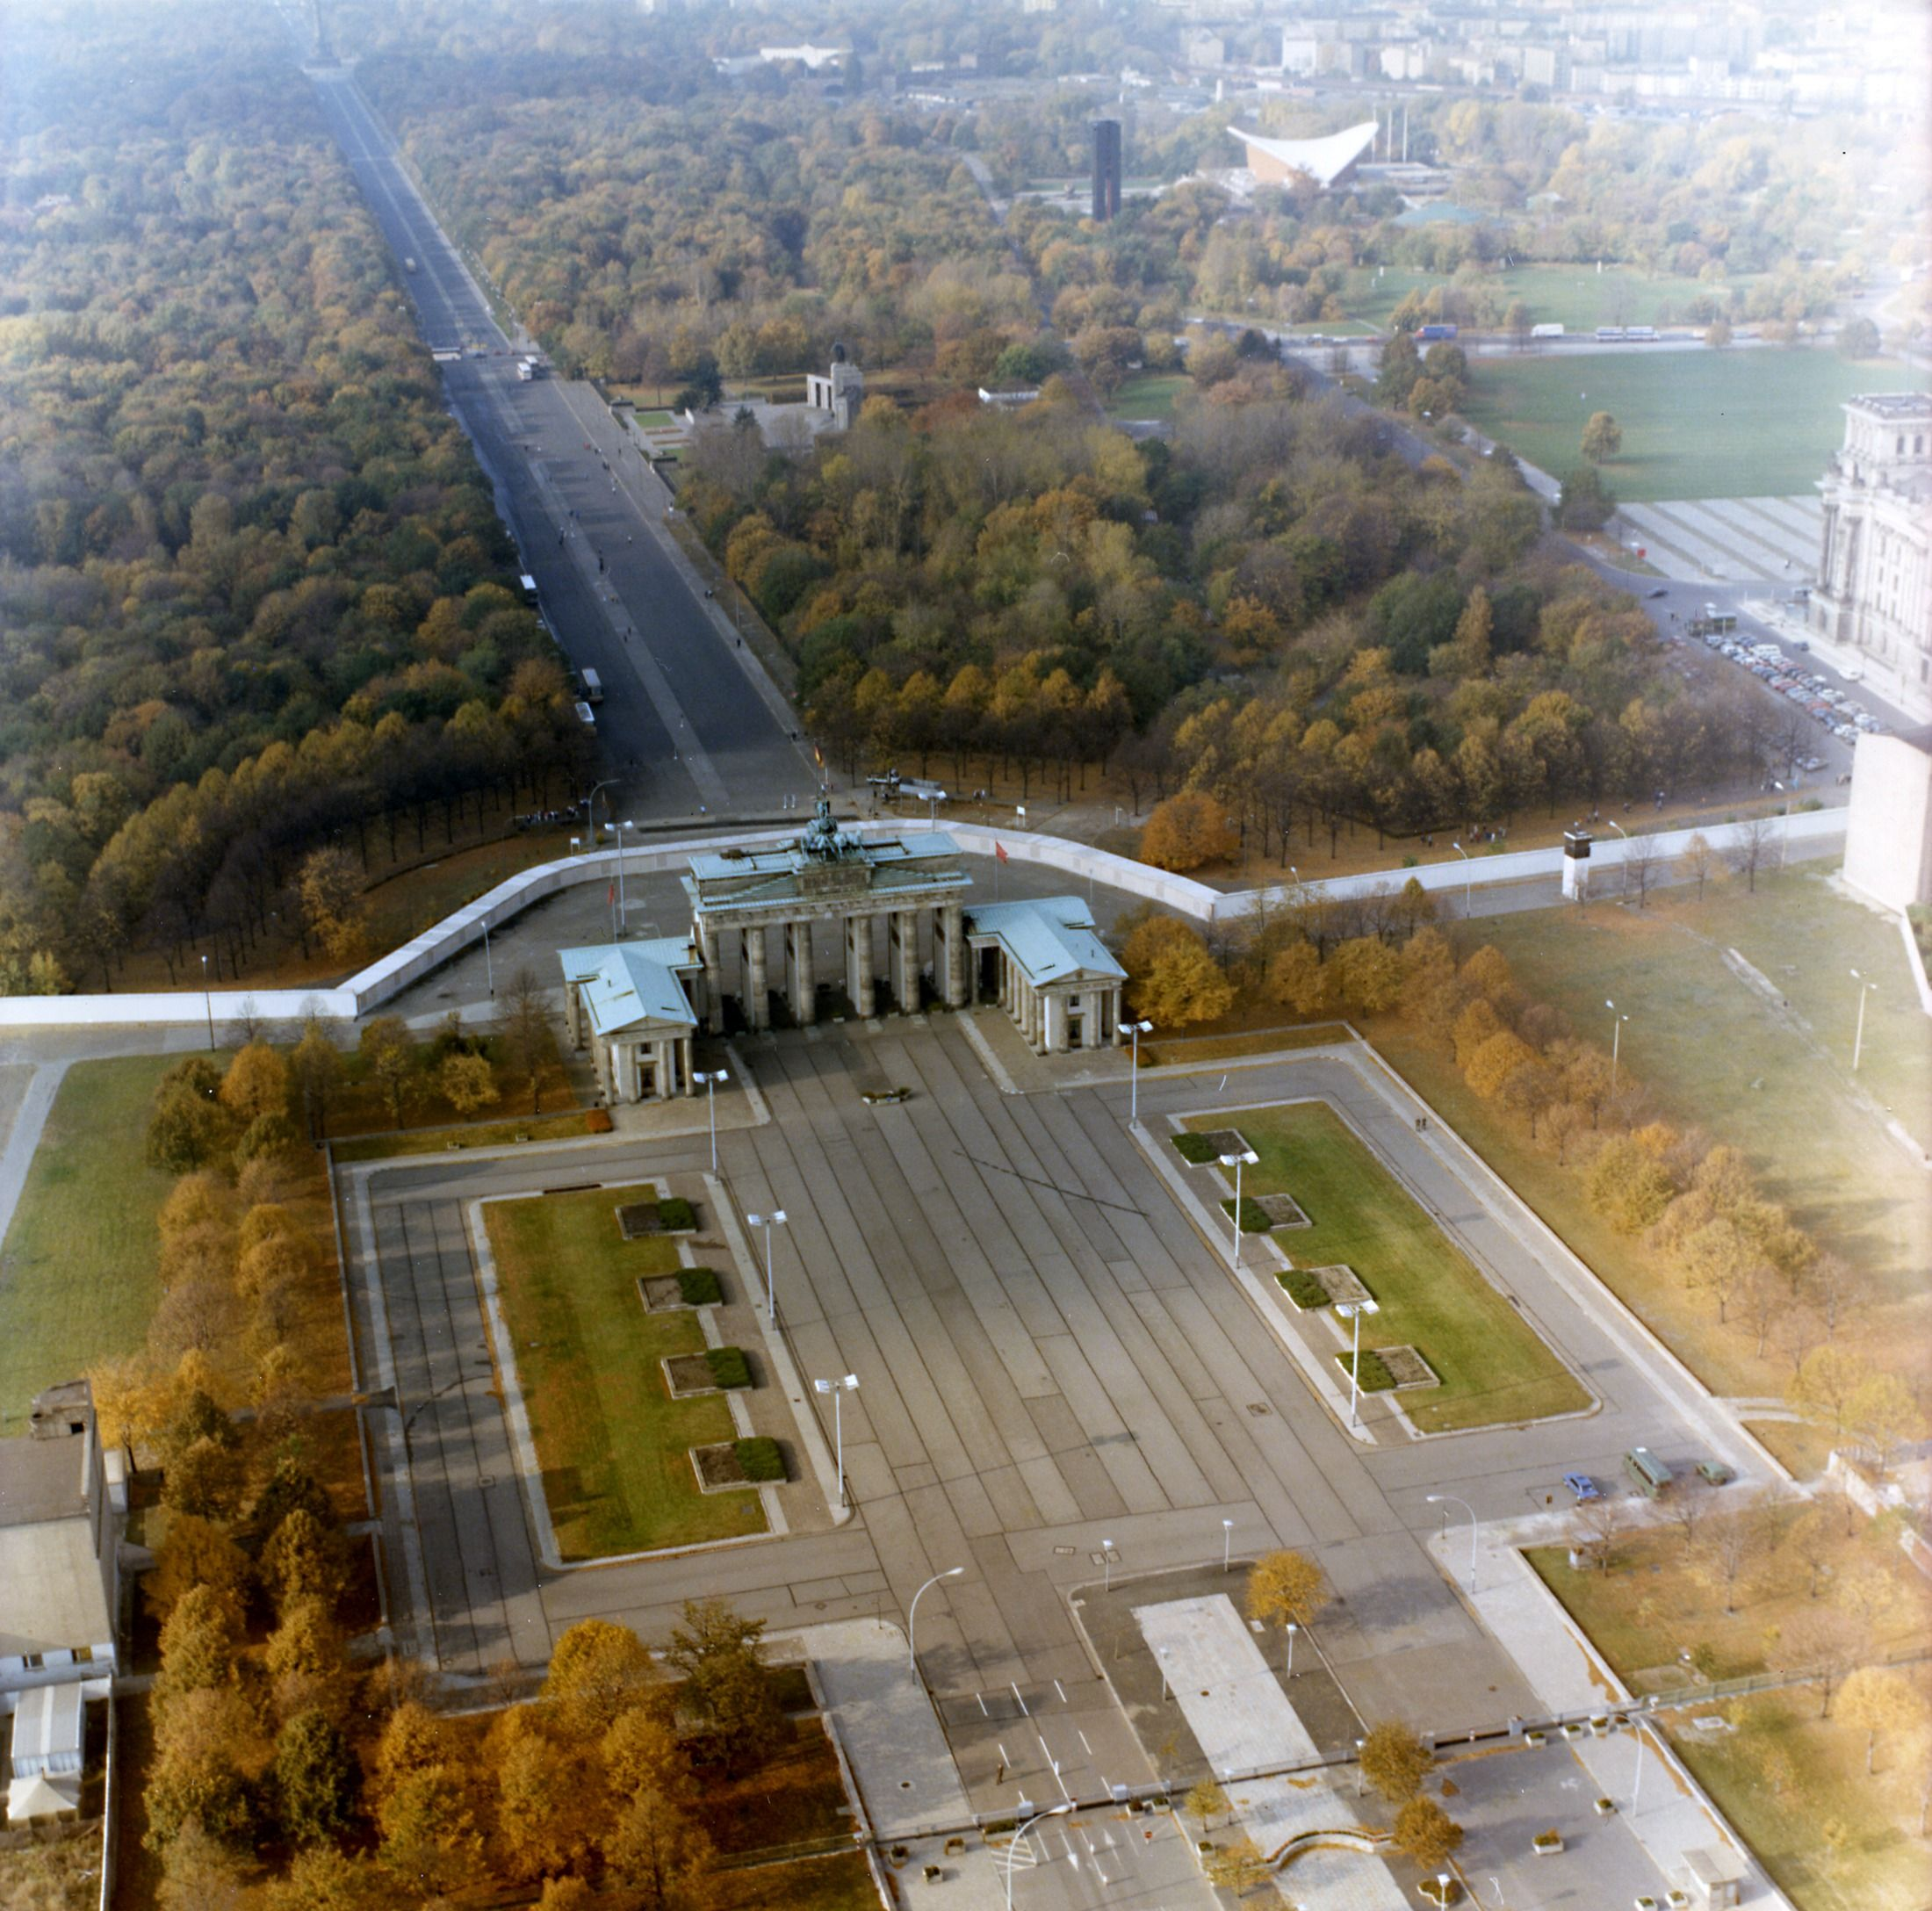 Luftbildaufnahmen der Berliner Mauer am Brandenburger Tor ...